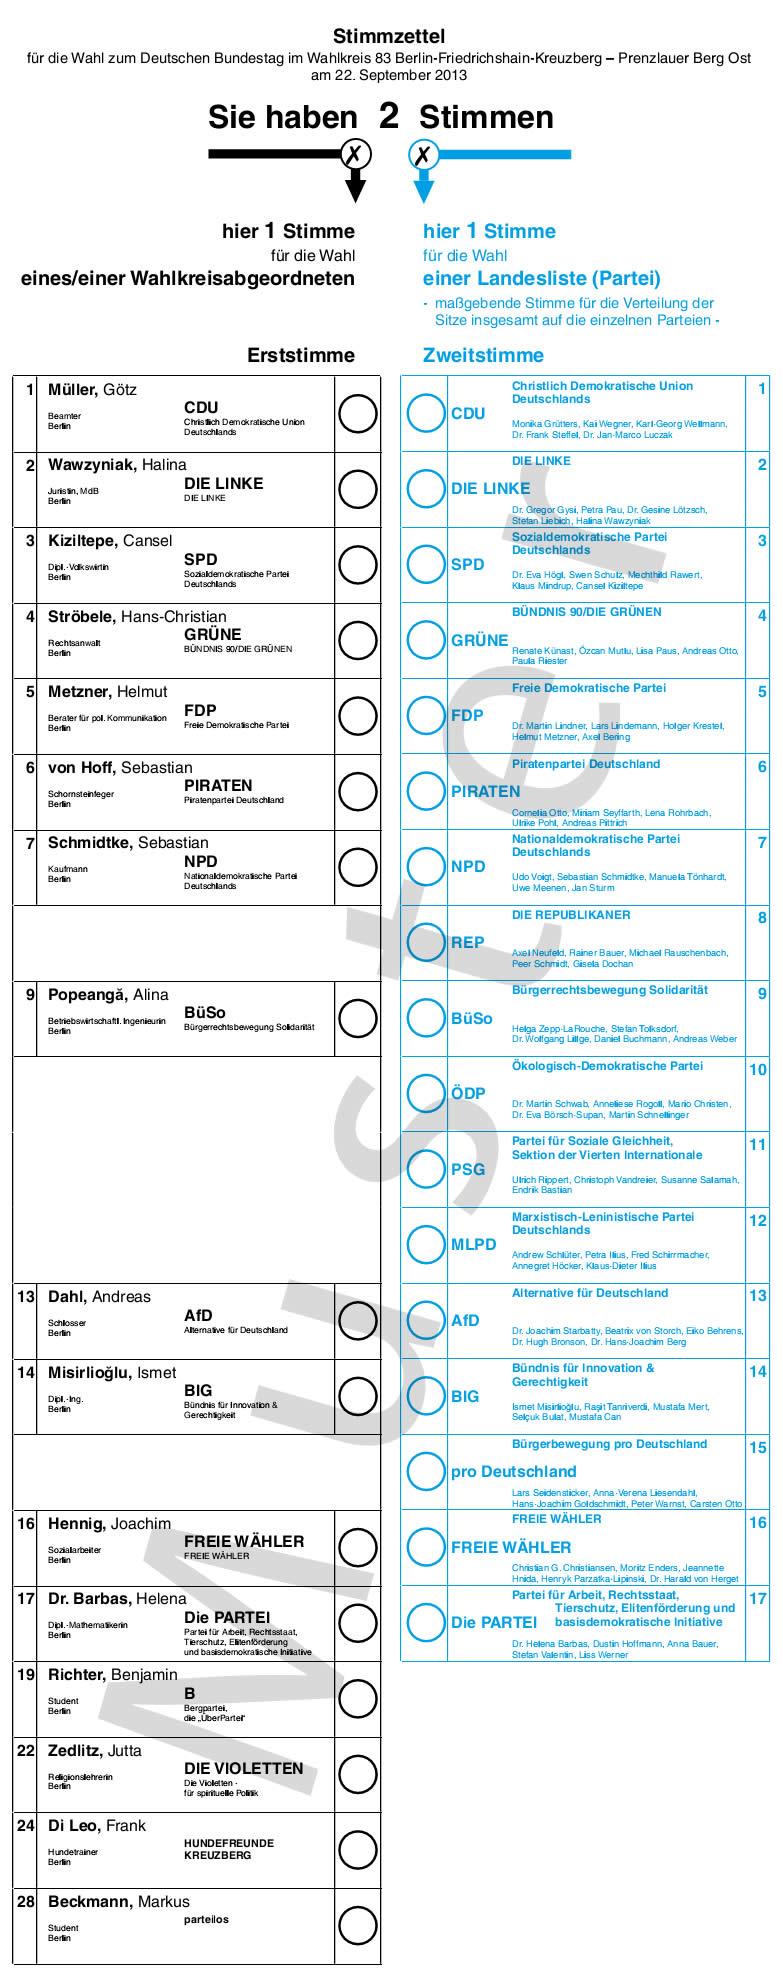 Stimmzettelmuster Wahlkreis 83 - Bundestagswahl 2013